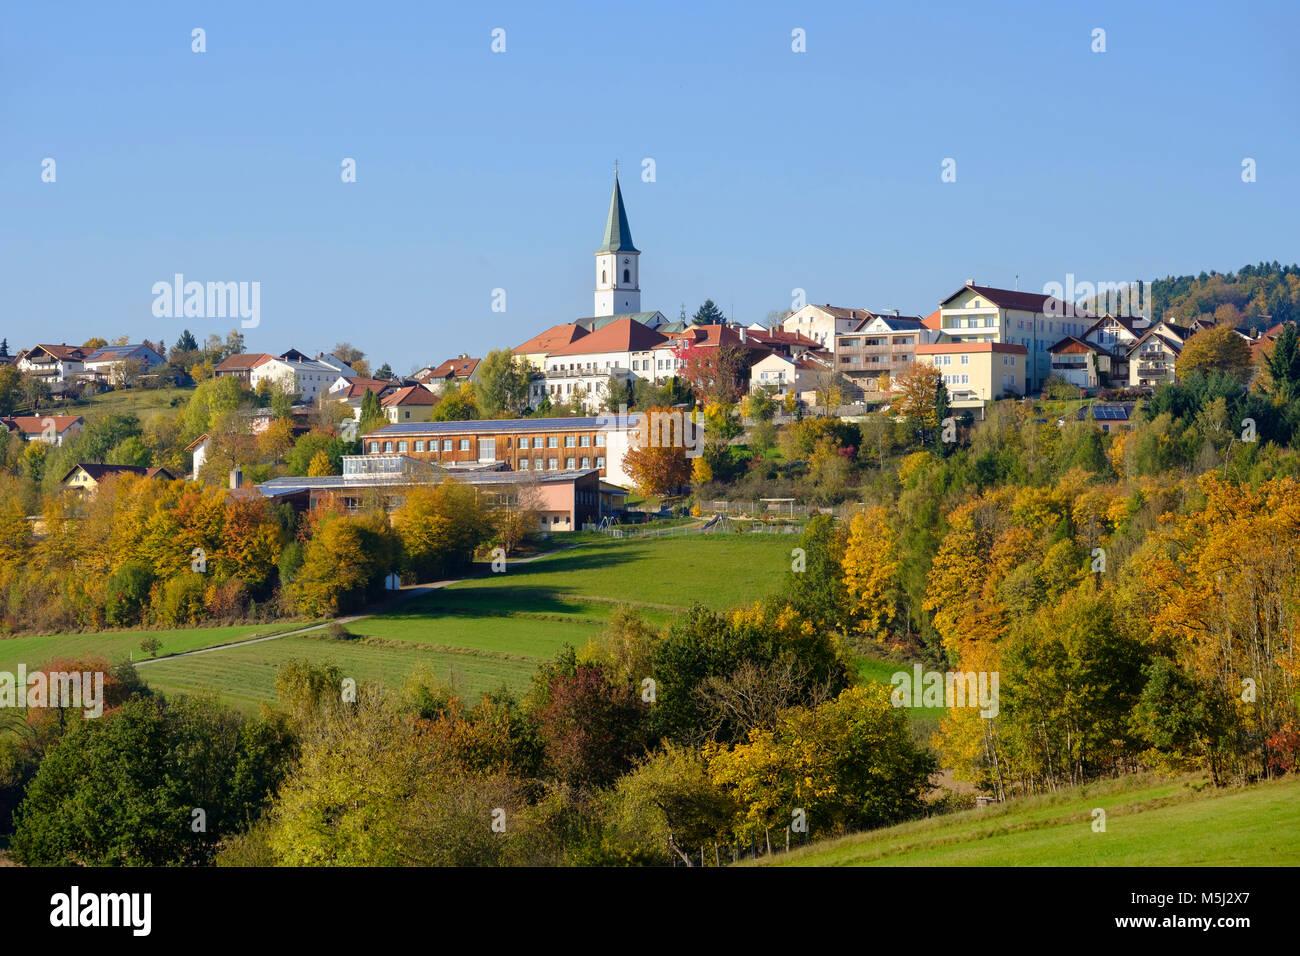 Perlesreut, Bayerischer Wald, Niederbayern, Bayern, Deutschland - Stock Image